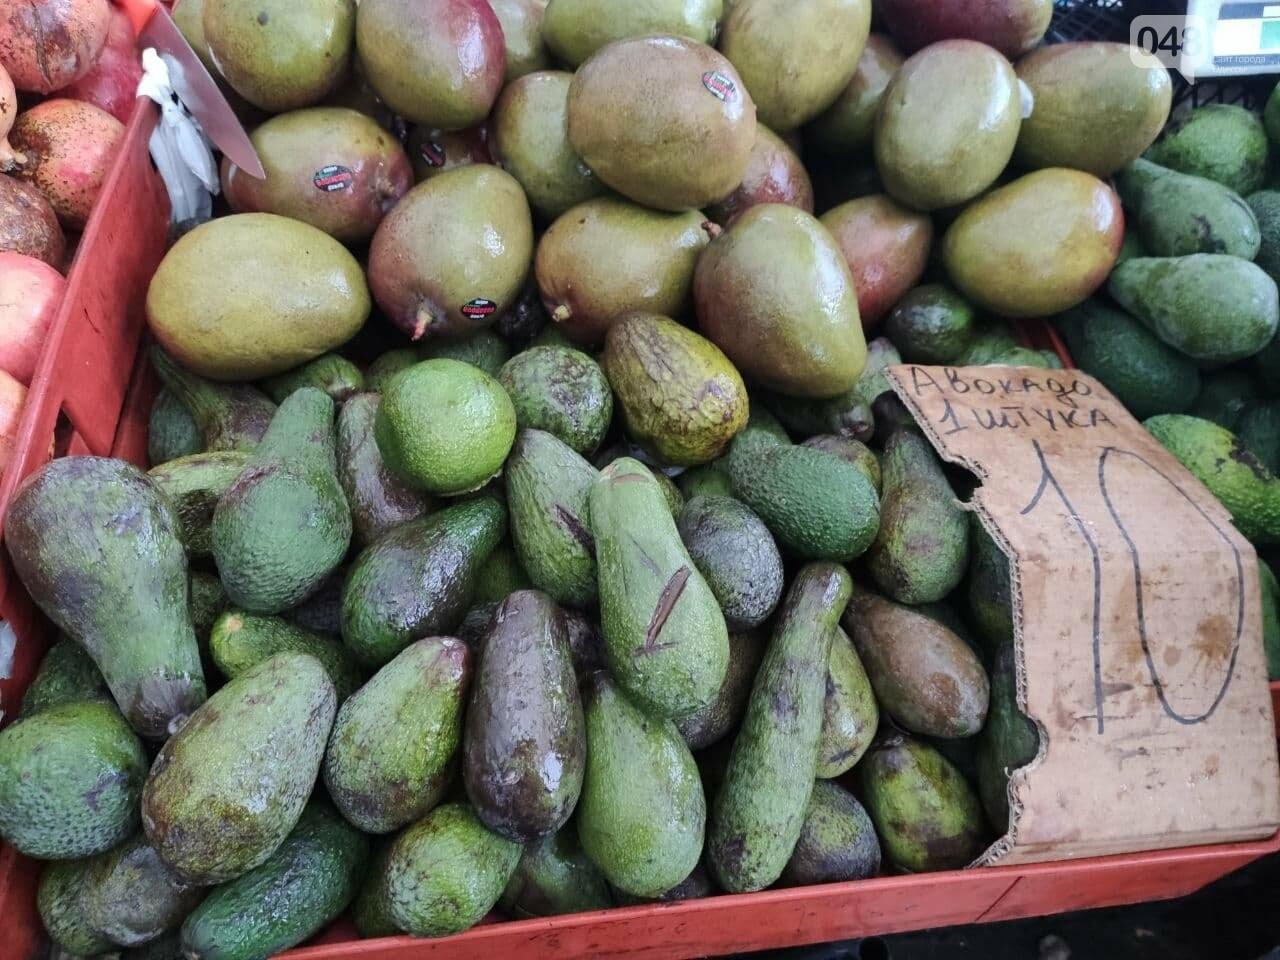 Помело, имбирь, шампиньоны: почем на одесском Привозе овощи и фрукты, - ФОТО, фото-5